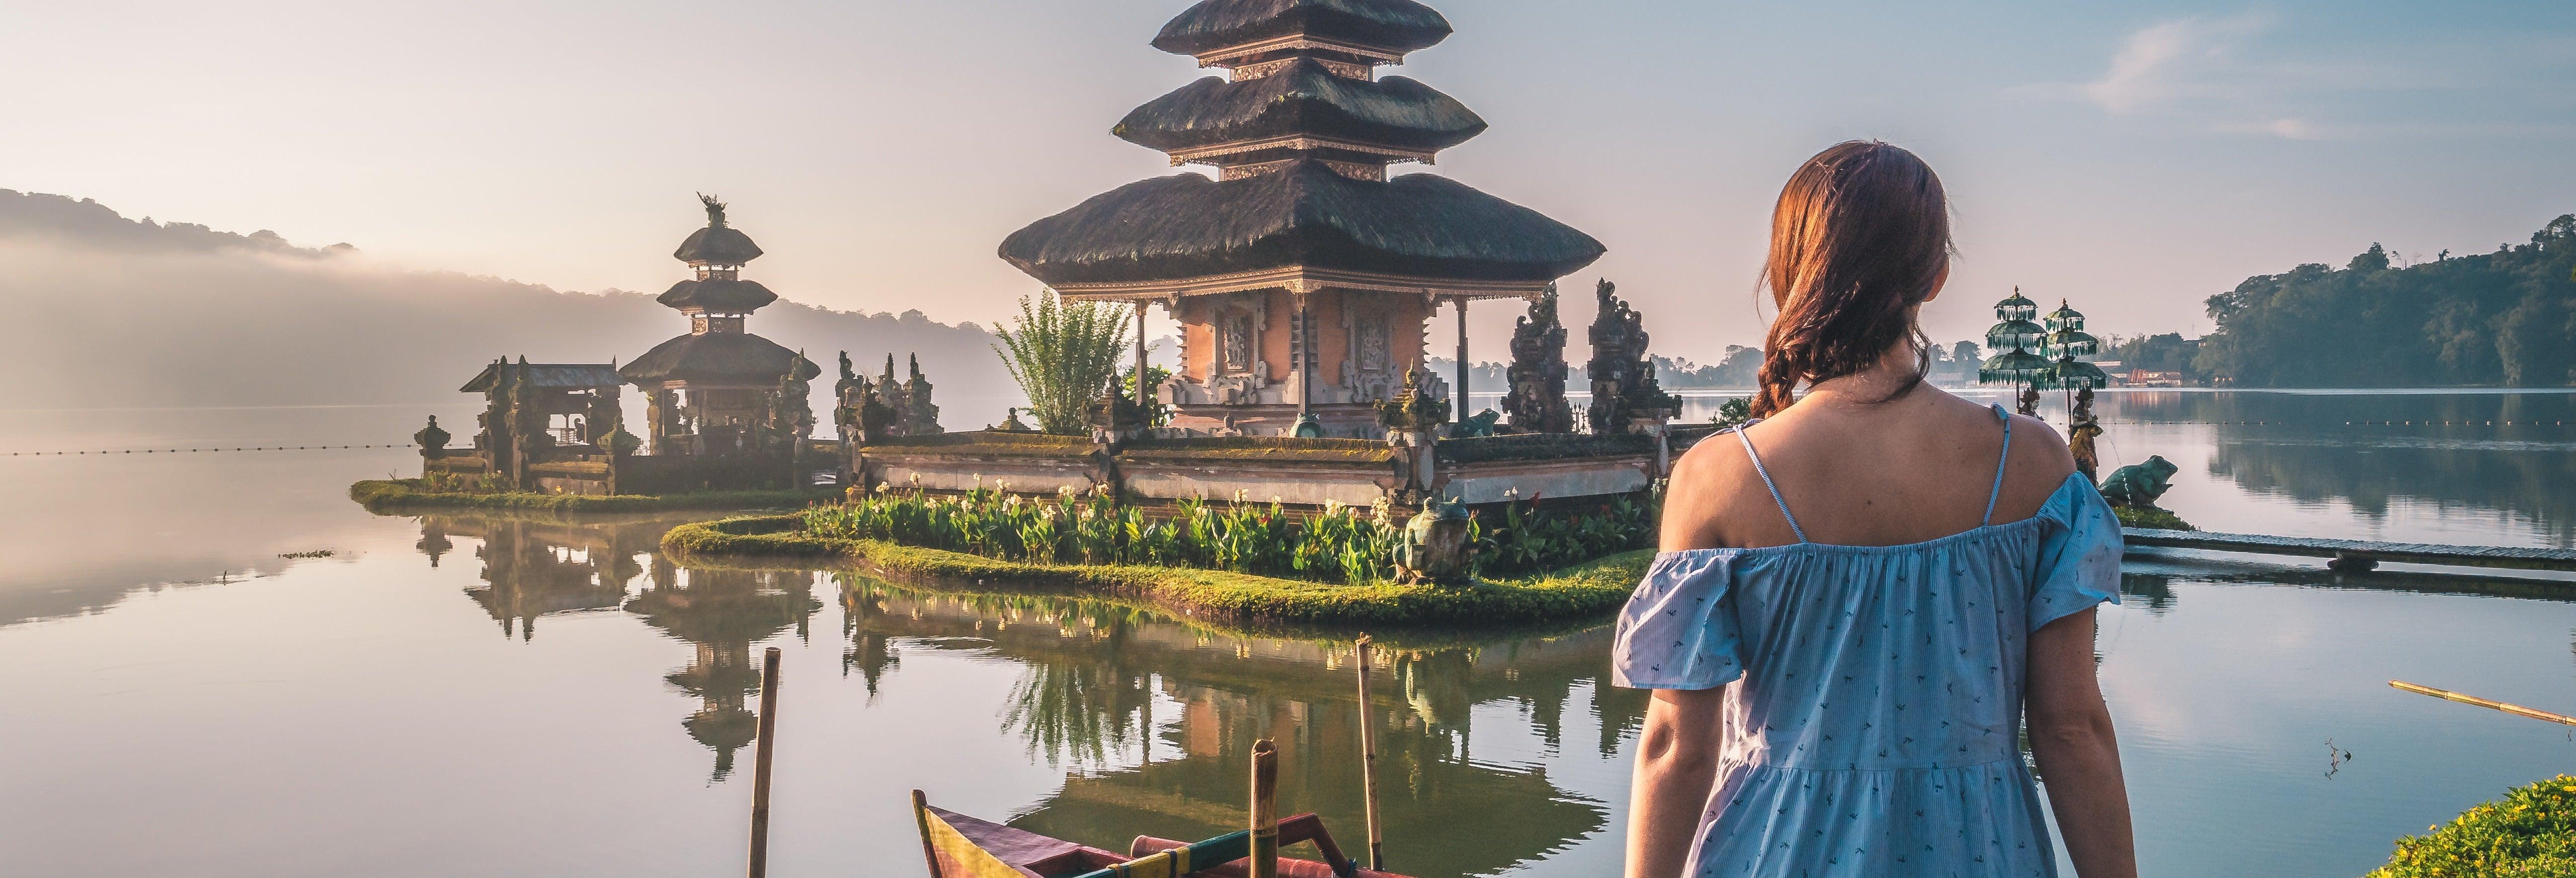 Traslado hasta Bali en lancha rápida